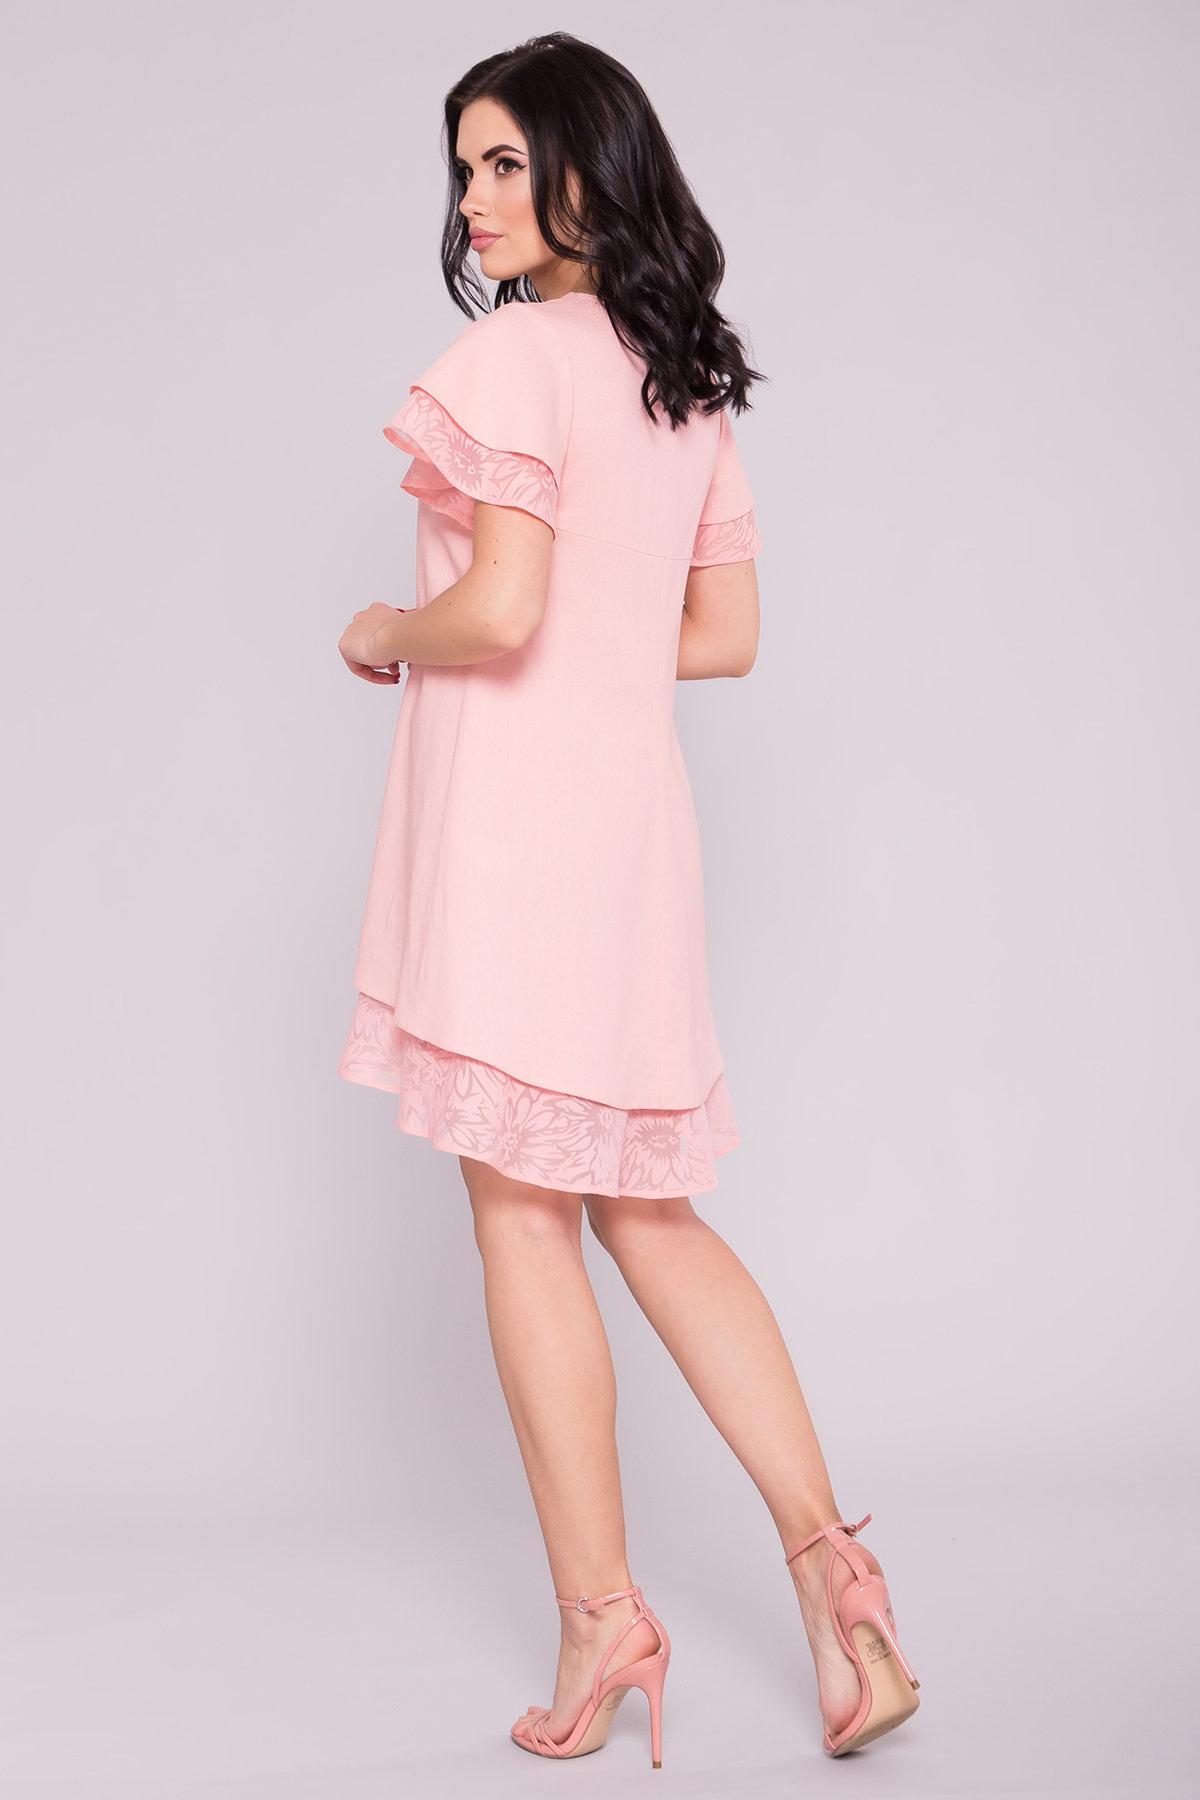 Платье Романтик 4986 АРТ. 35307 Цвет: Пудра 7 - фото 2, интернет магазин tm-modus.ru